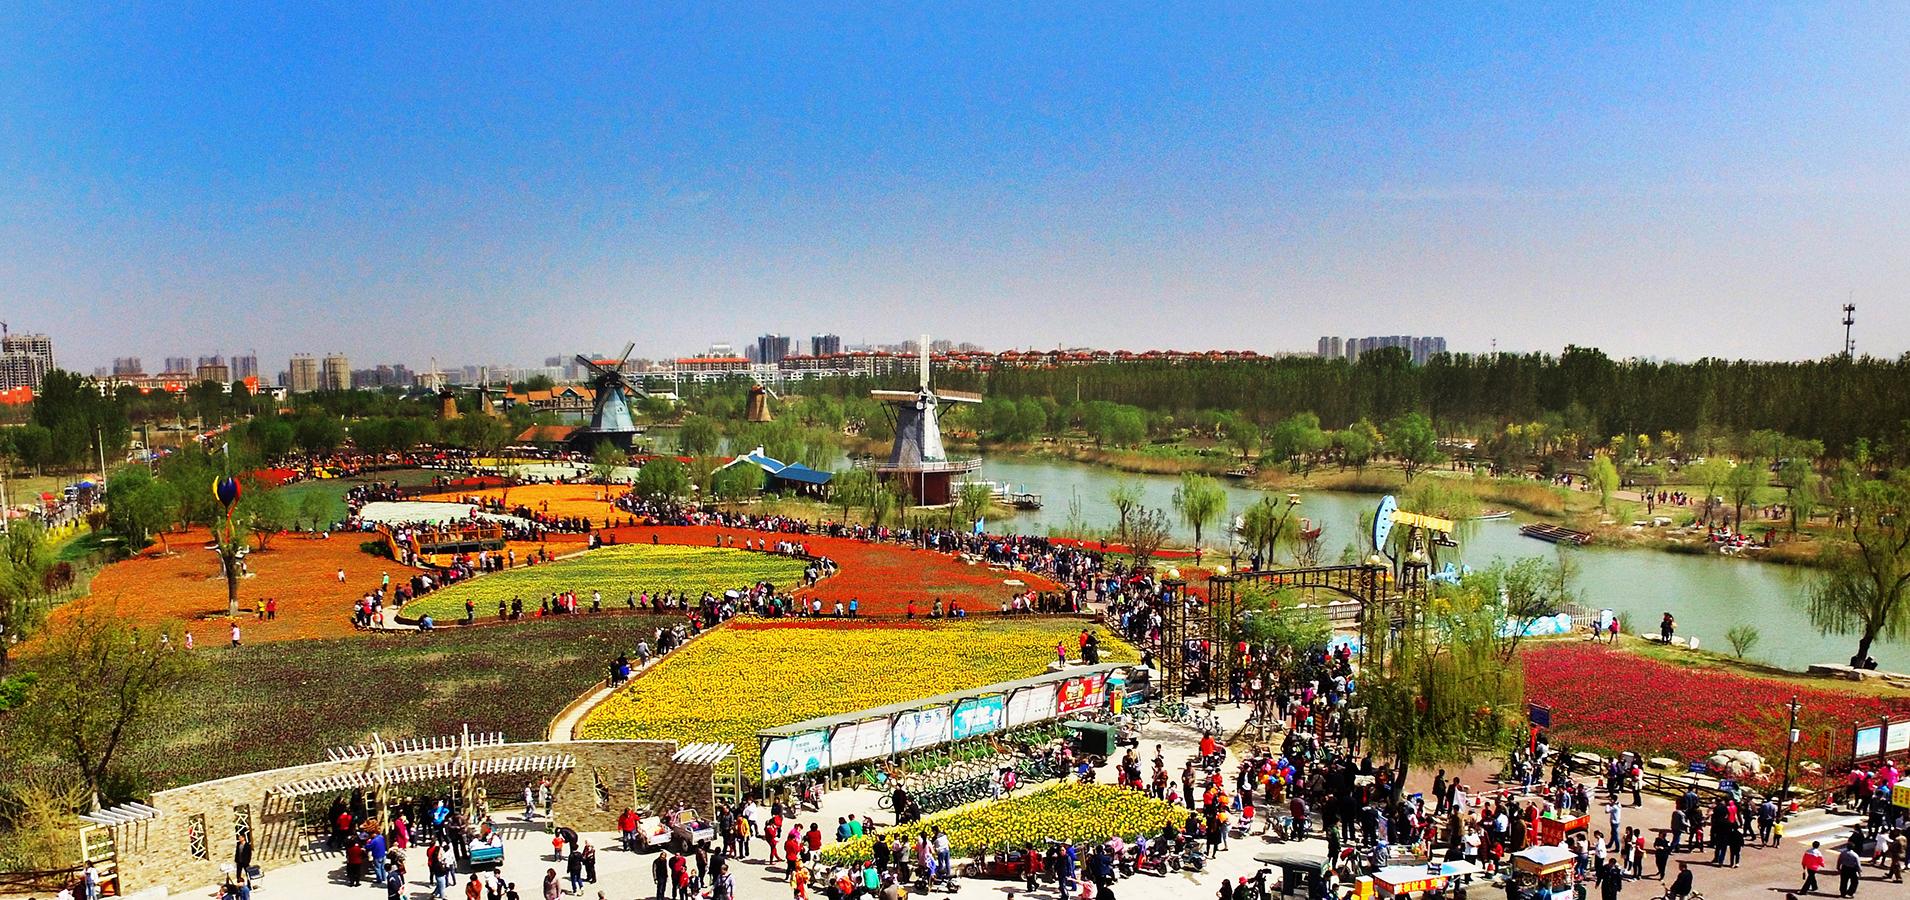 四月的郁金喷鼻有多美  快来秦皇河公园看看吧